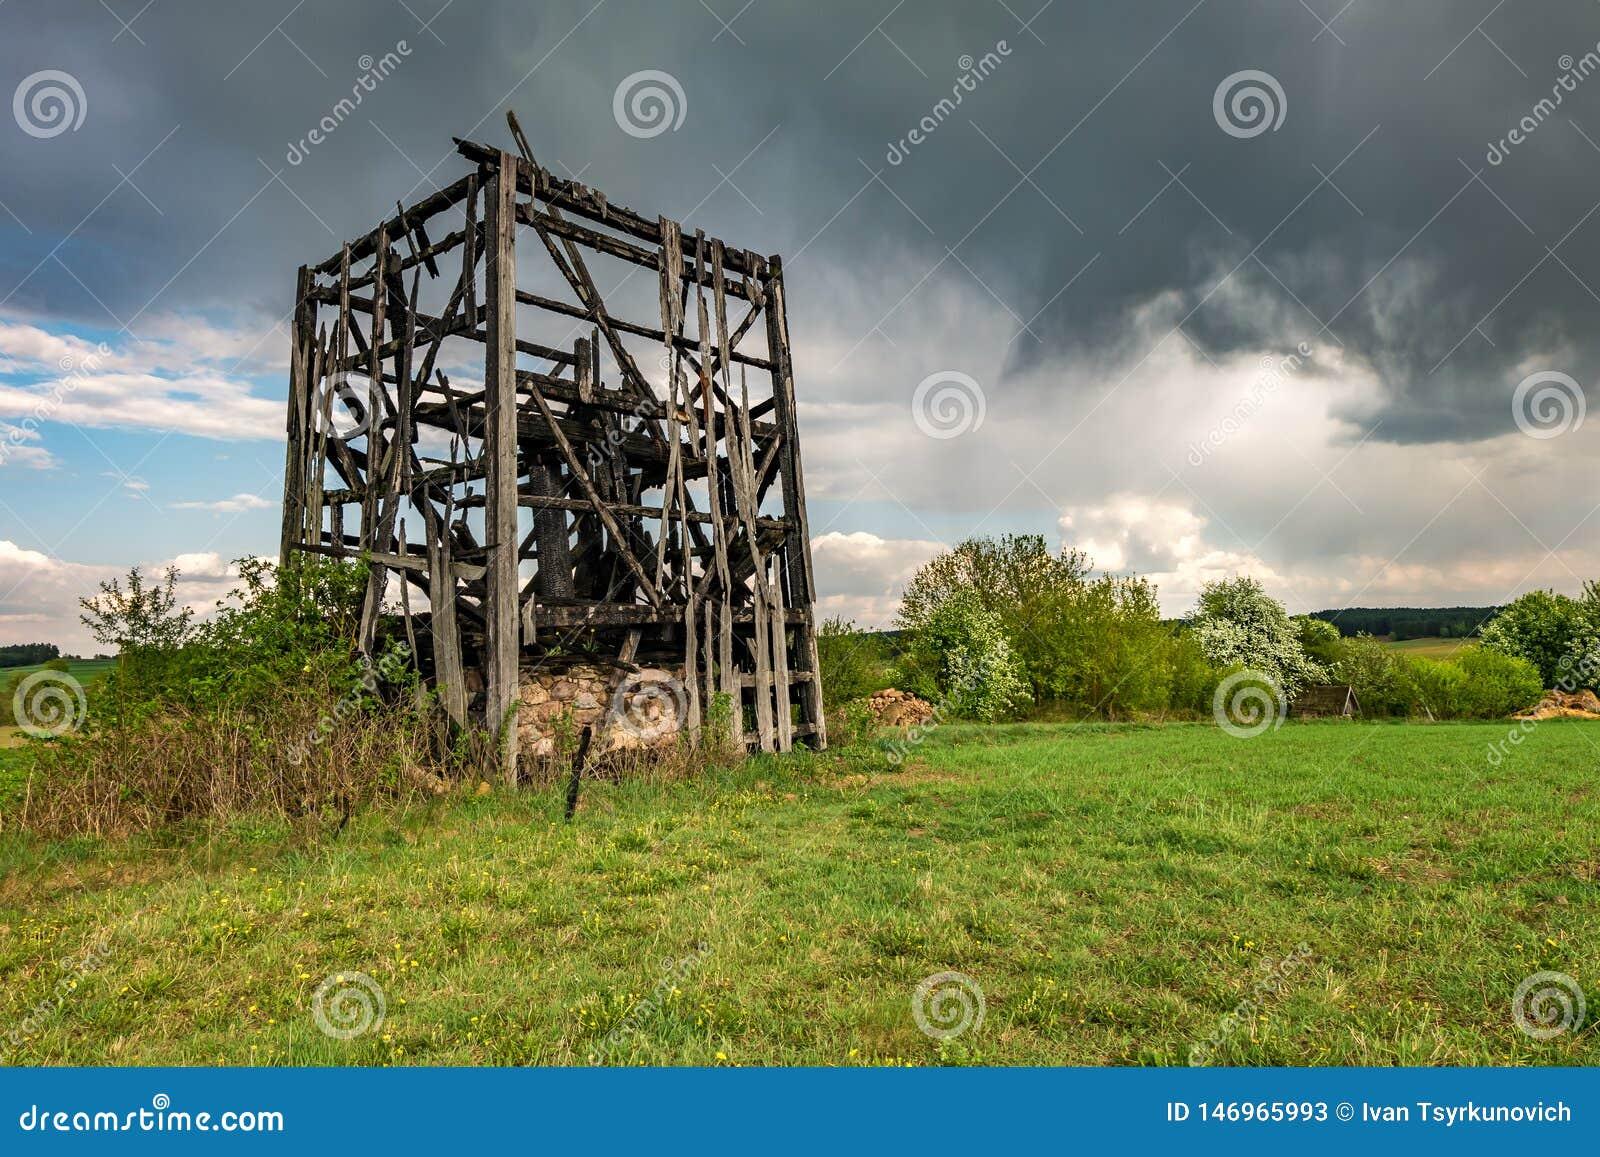 Restes de vieux moulin ? vent br?l? dans le domaine avant la pluie